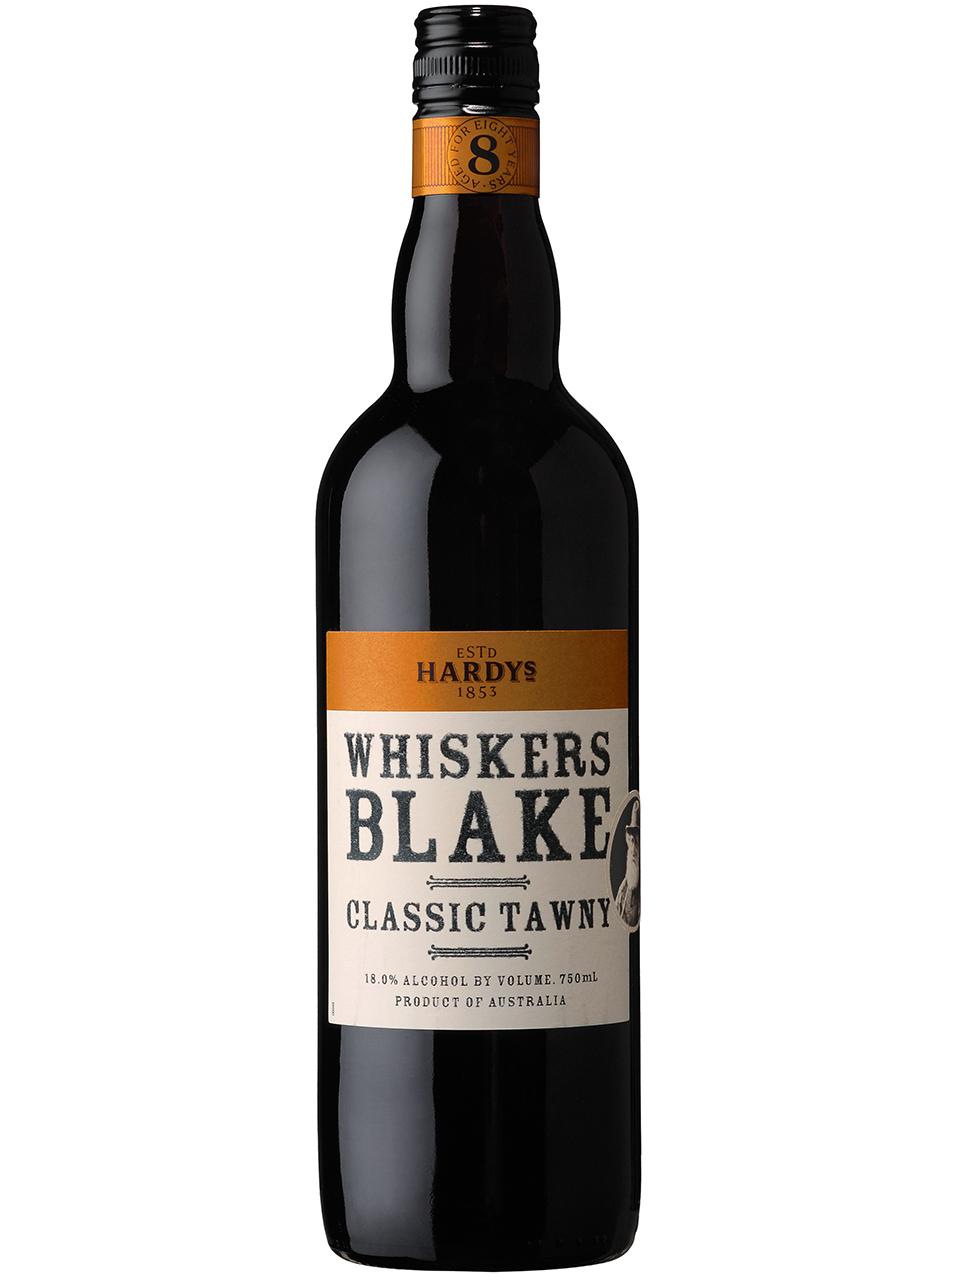 Hardys Whiskers Blake Tawny